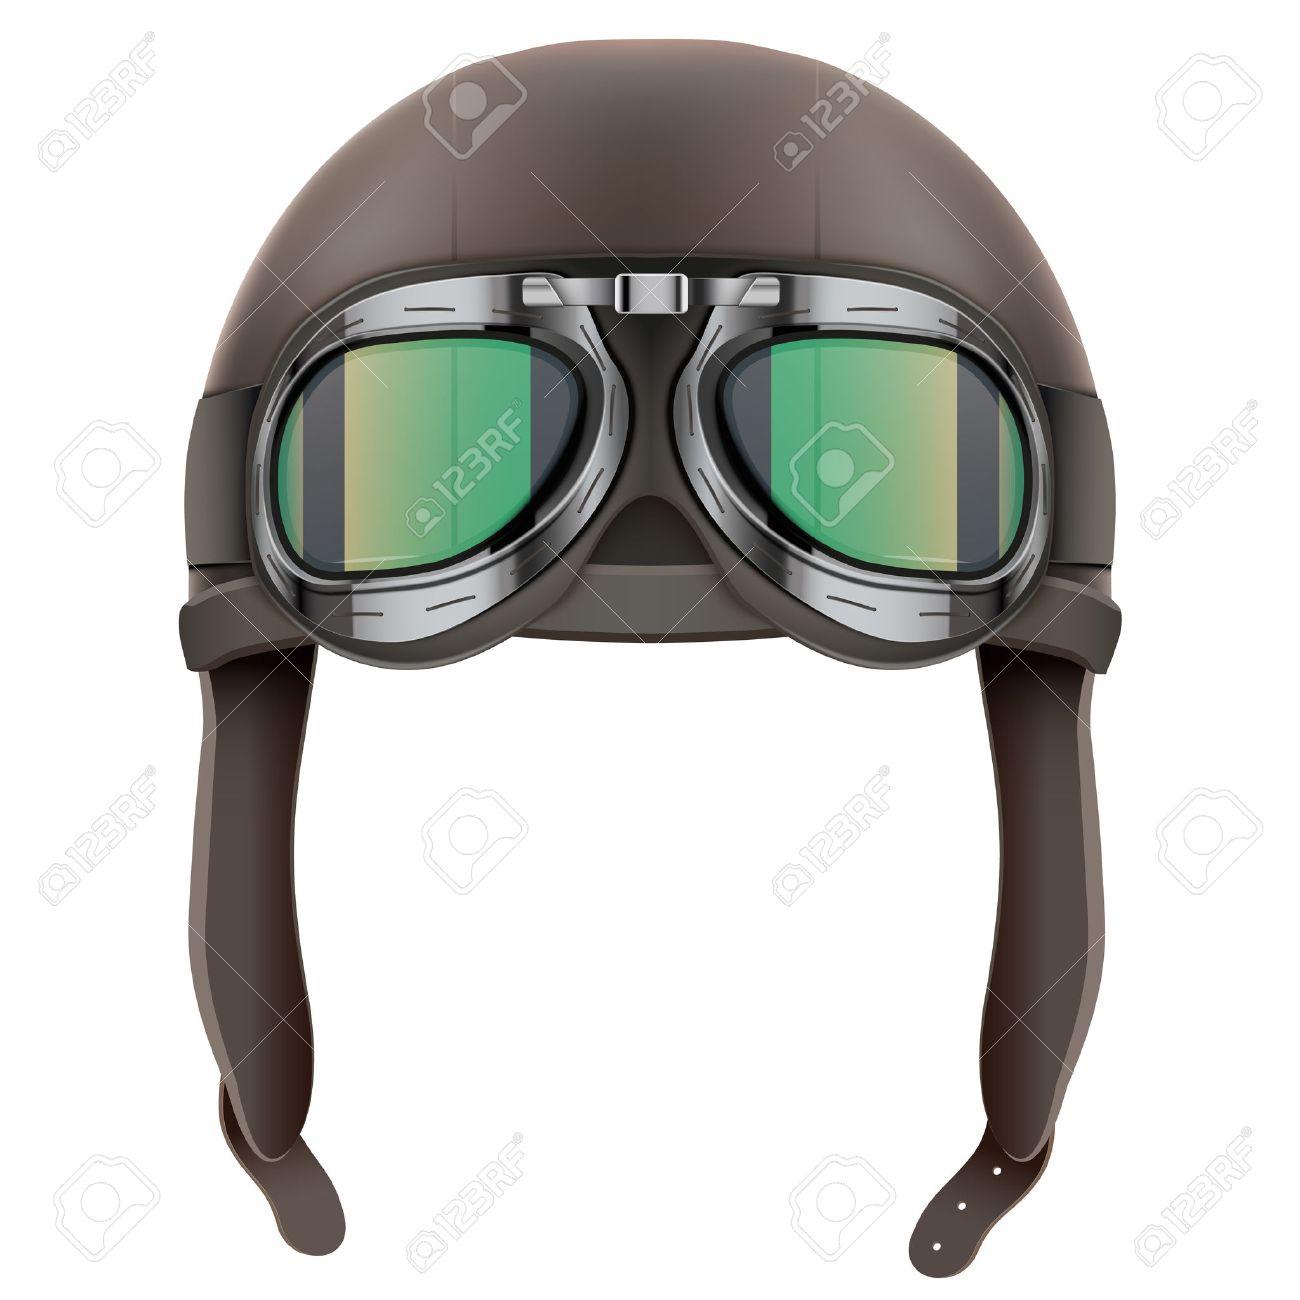 1c7049fc57 Casco retro de cuero piloto aviador con gafas. Objeto de la vendimia.  Ilustración aislado